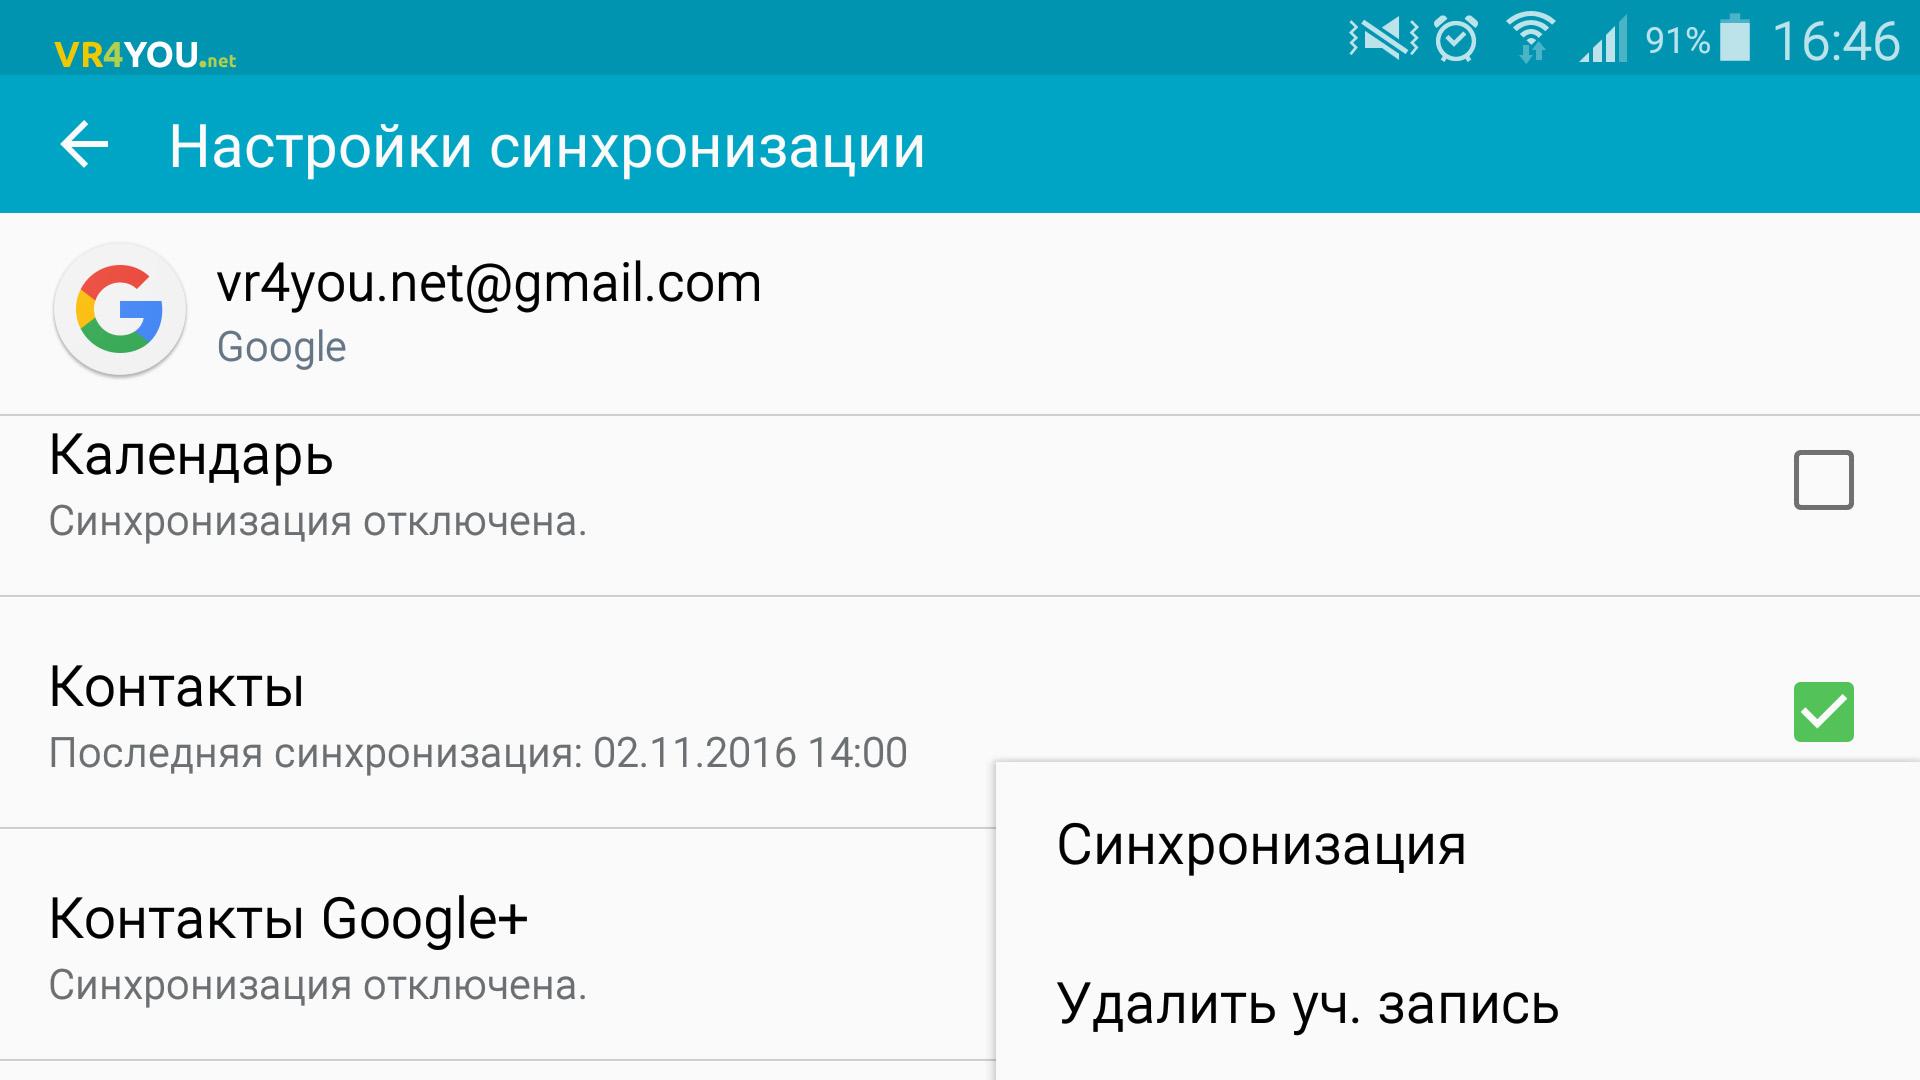 Синхронизация контактов Android-устройства с Google аккаунтом